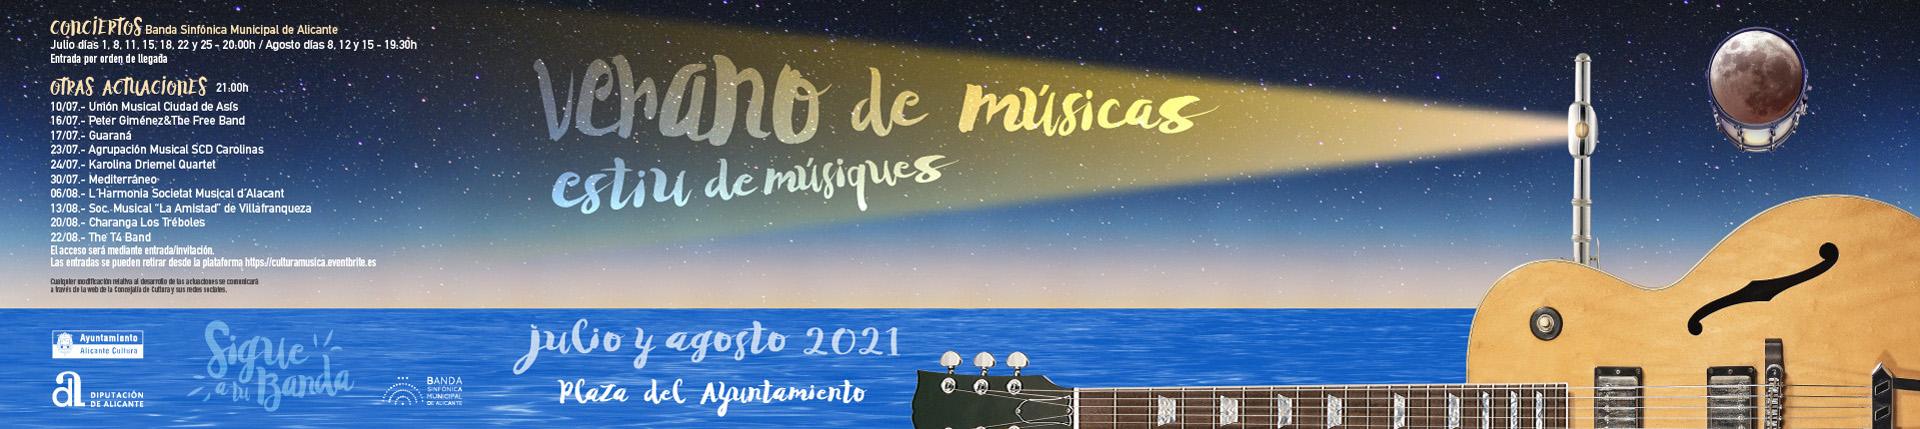 Festival Verano de Músicas 2021